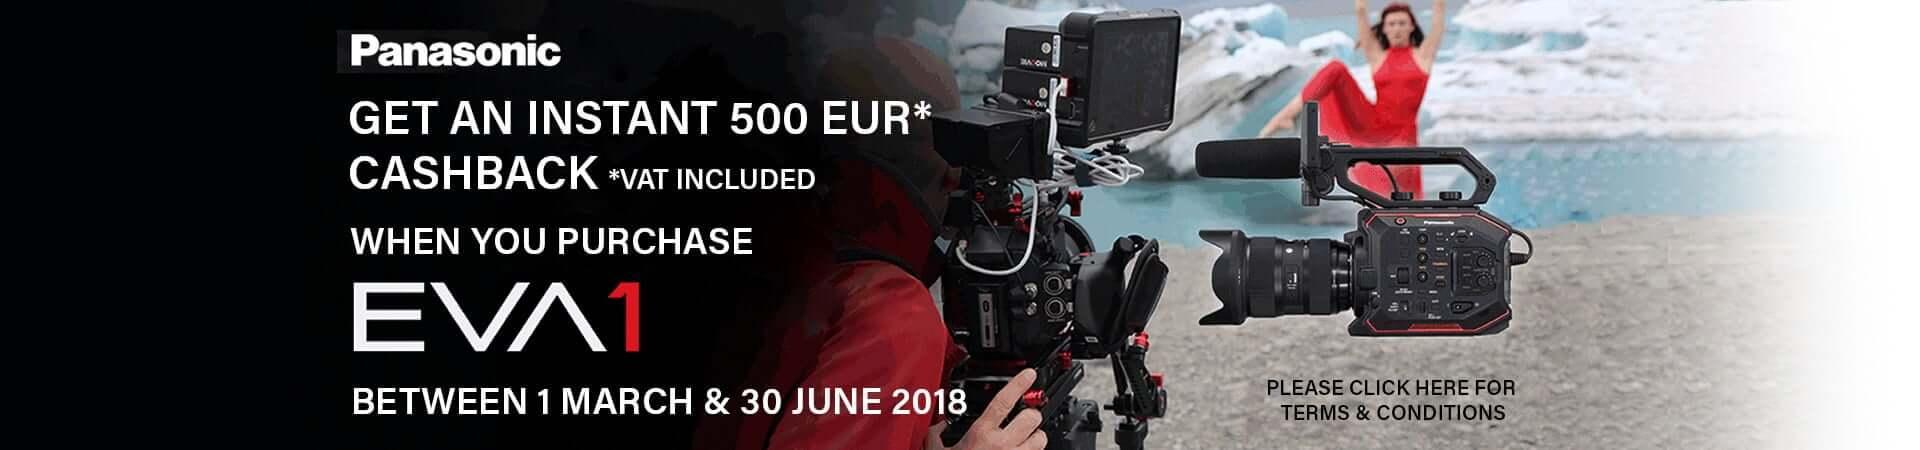 EVA1-EUR-Promotion.jpg